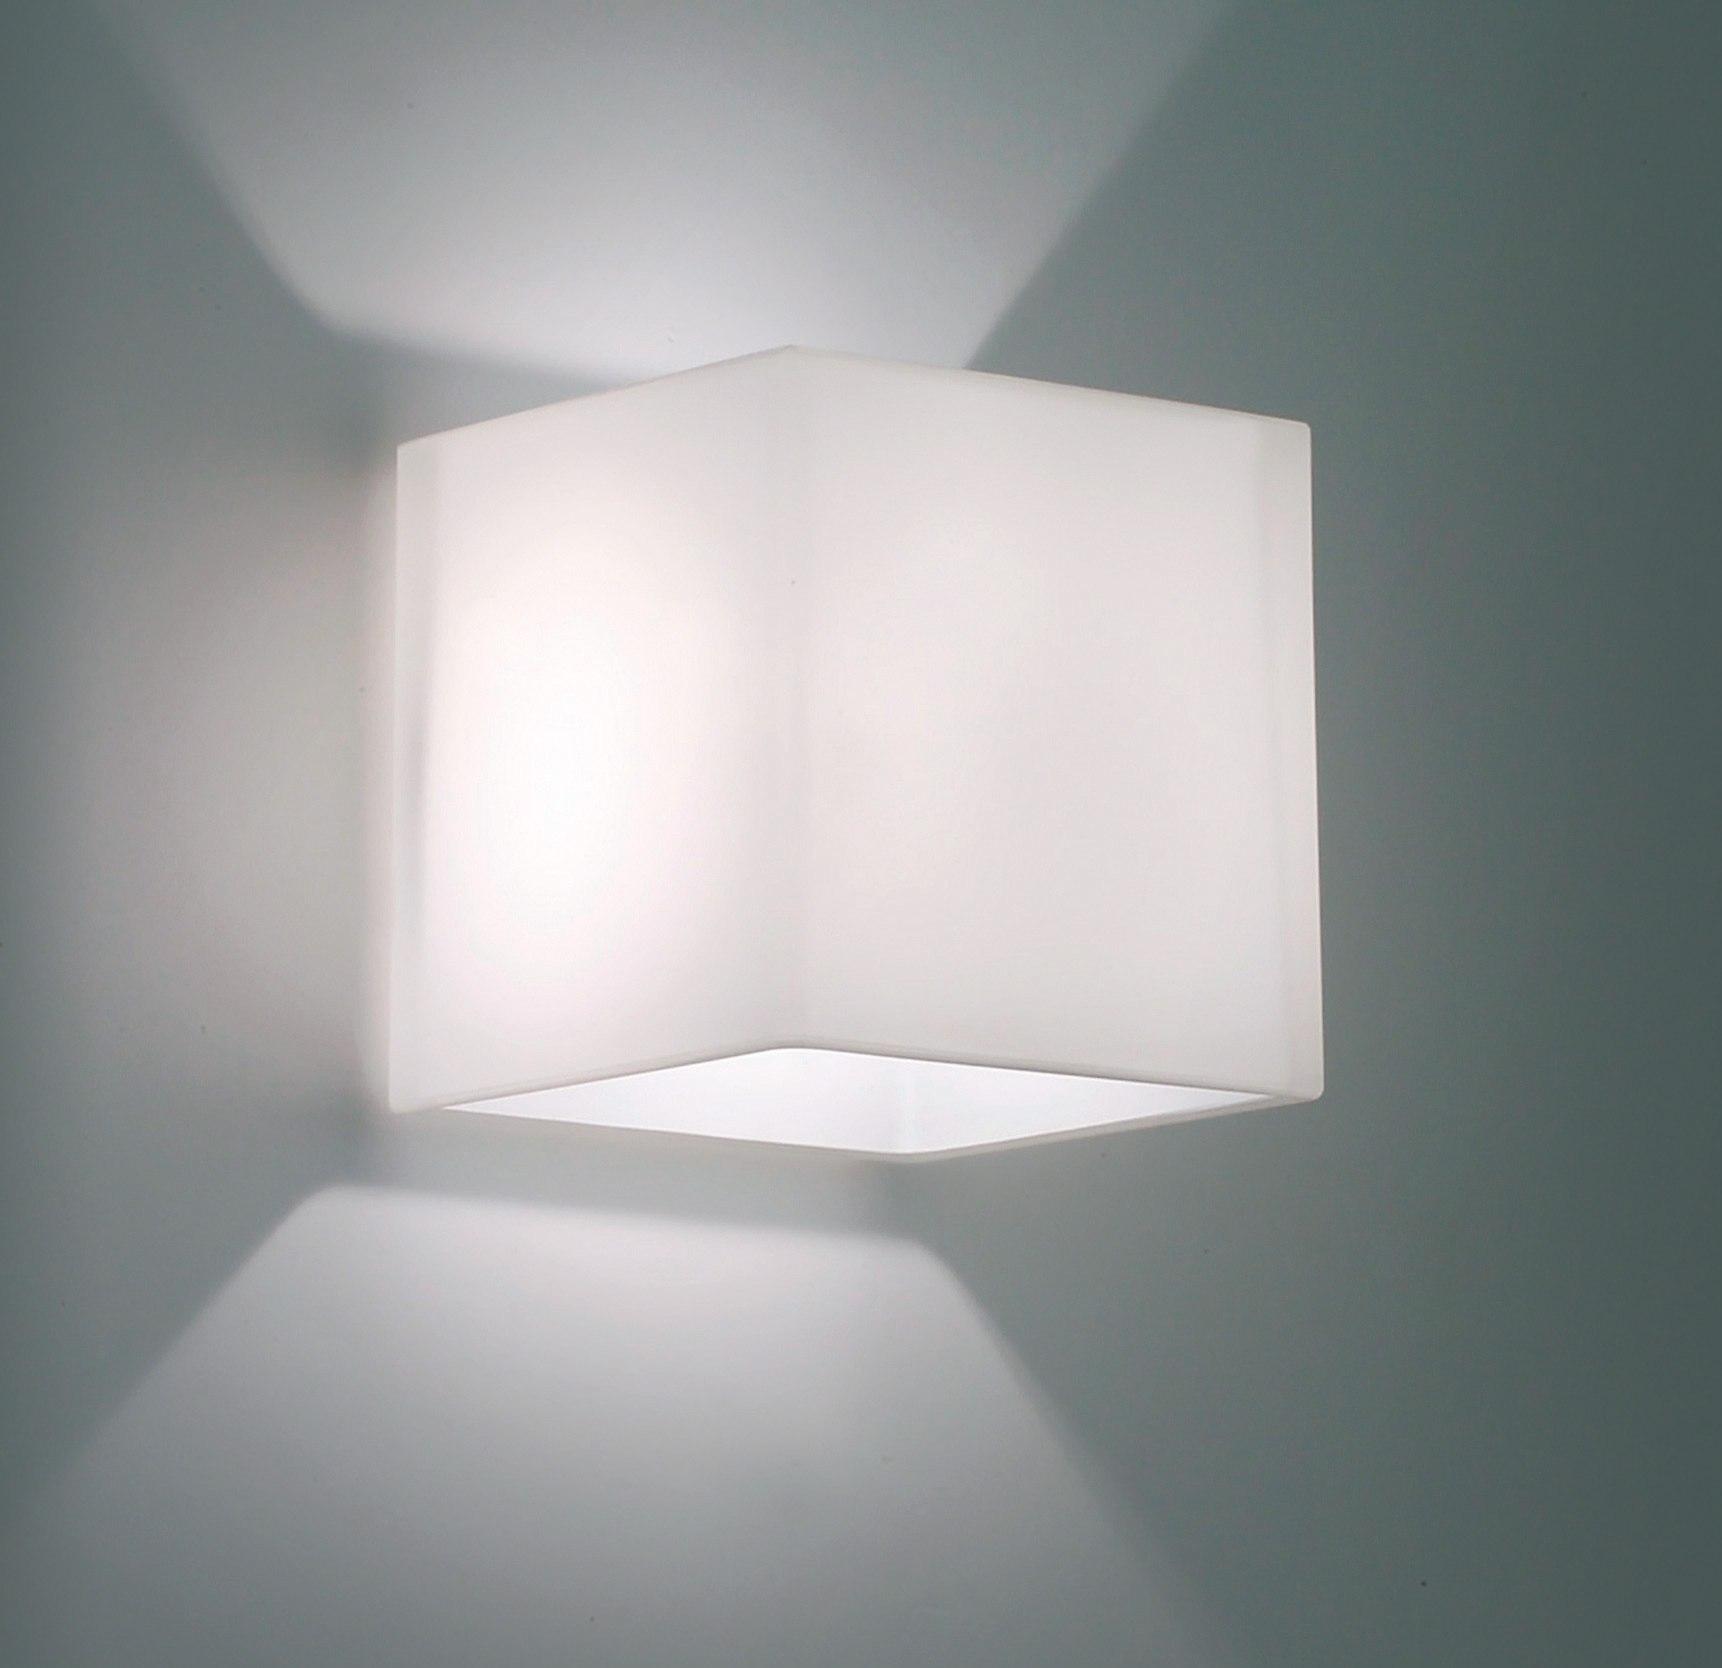 alea-wandleuchte-von-egoluce-4282-4281-_1_216 Wunderschöne Led Leuchtmittel Für Strahler Dekorationen